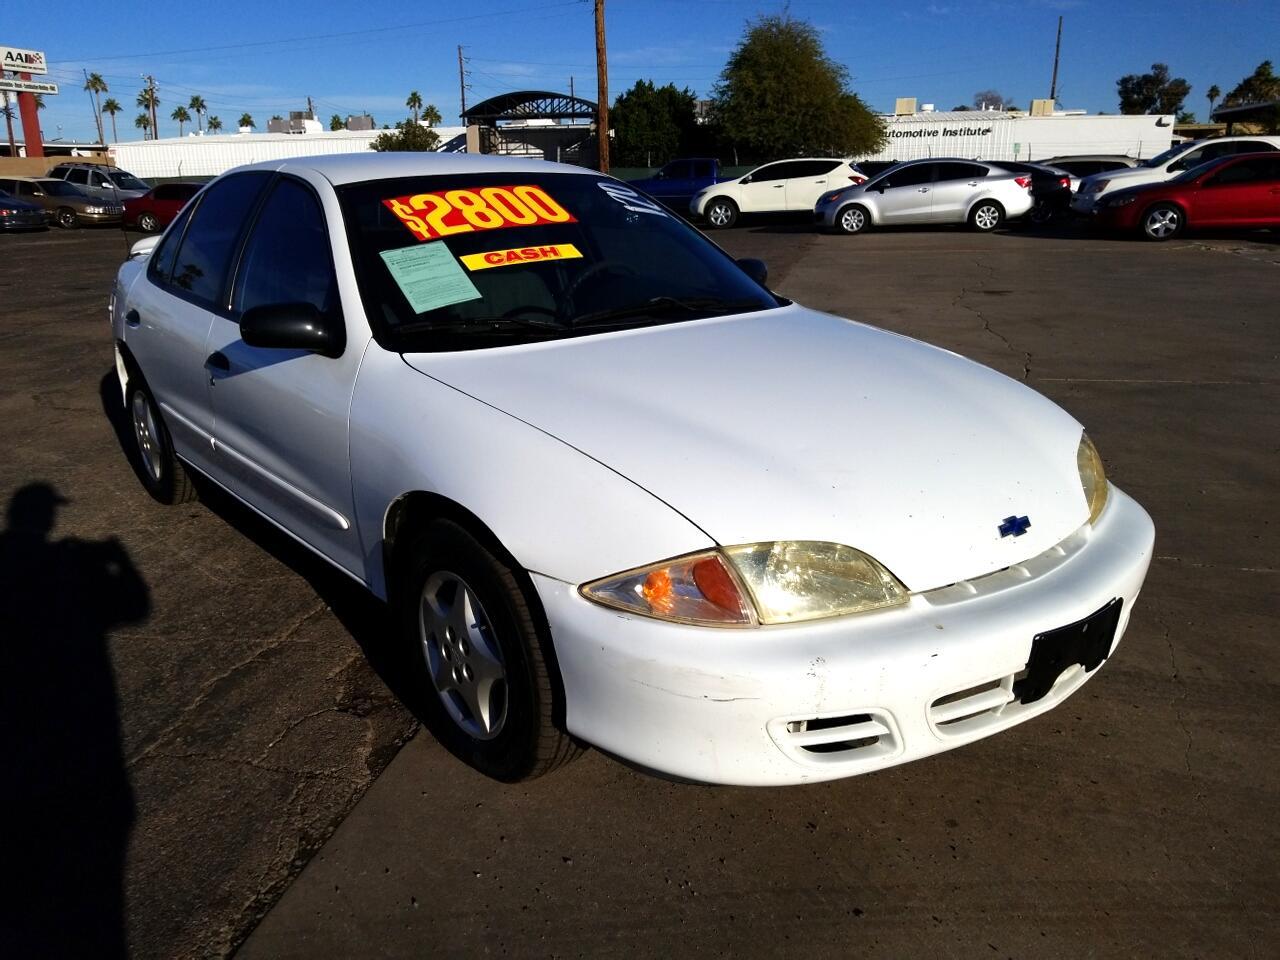 Chevrolet Cavalier 2000 for Sale in Glendale, AZ